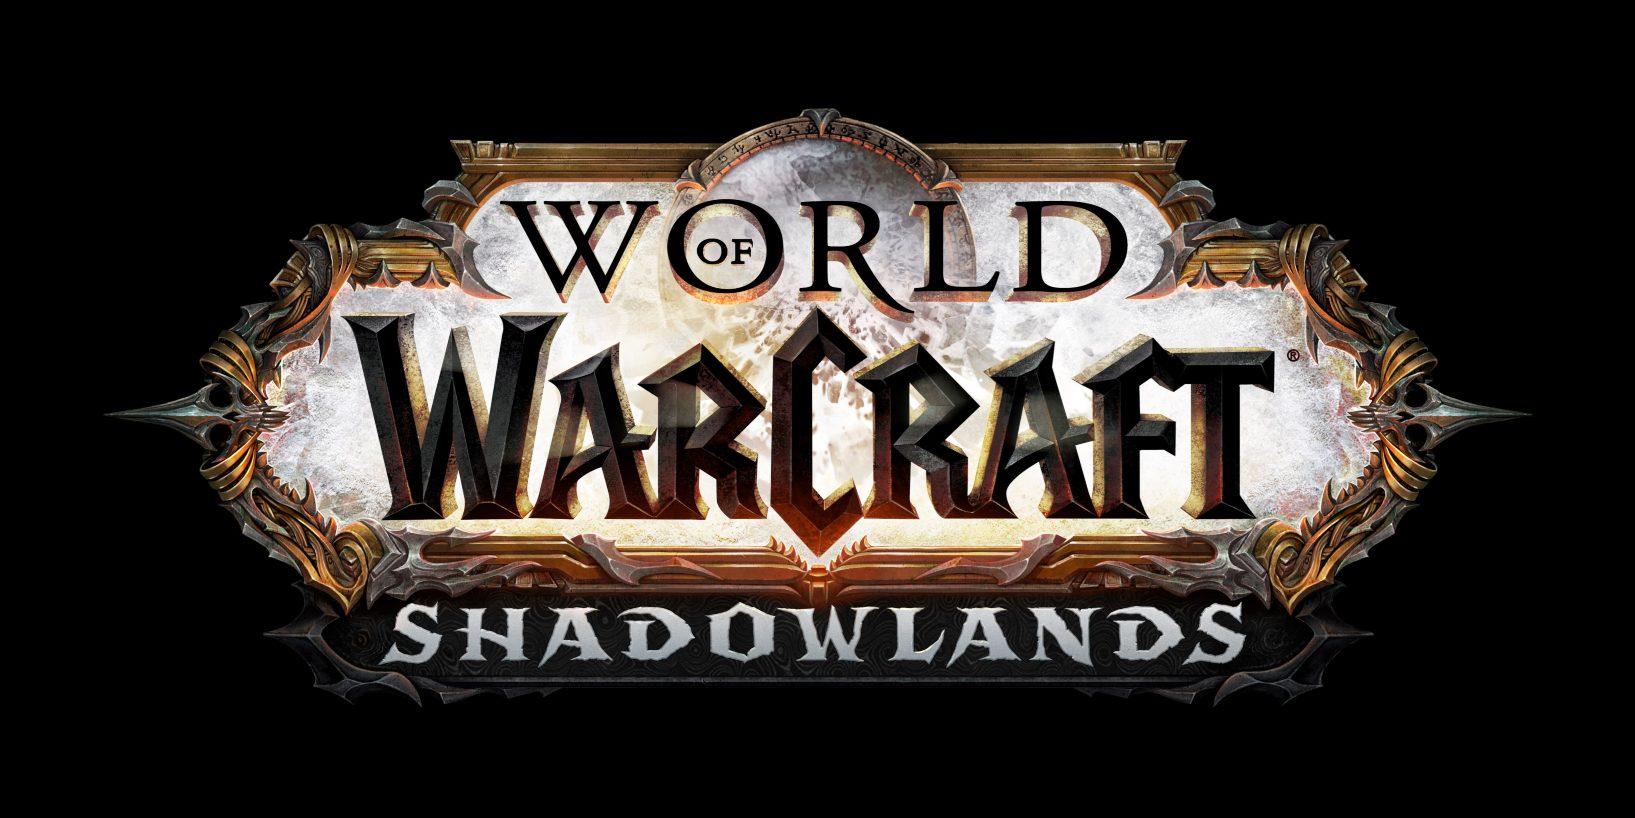 World of Warcraft Shadowlands, en el reino de los muertos